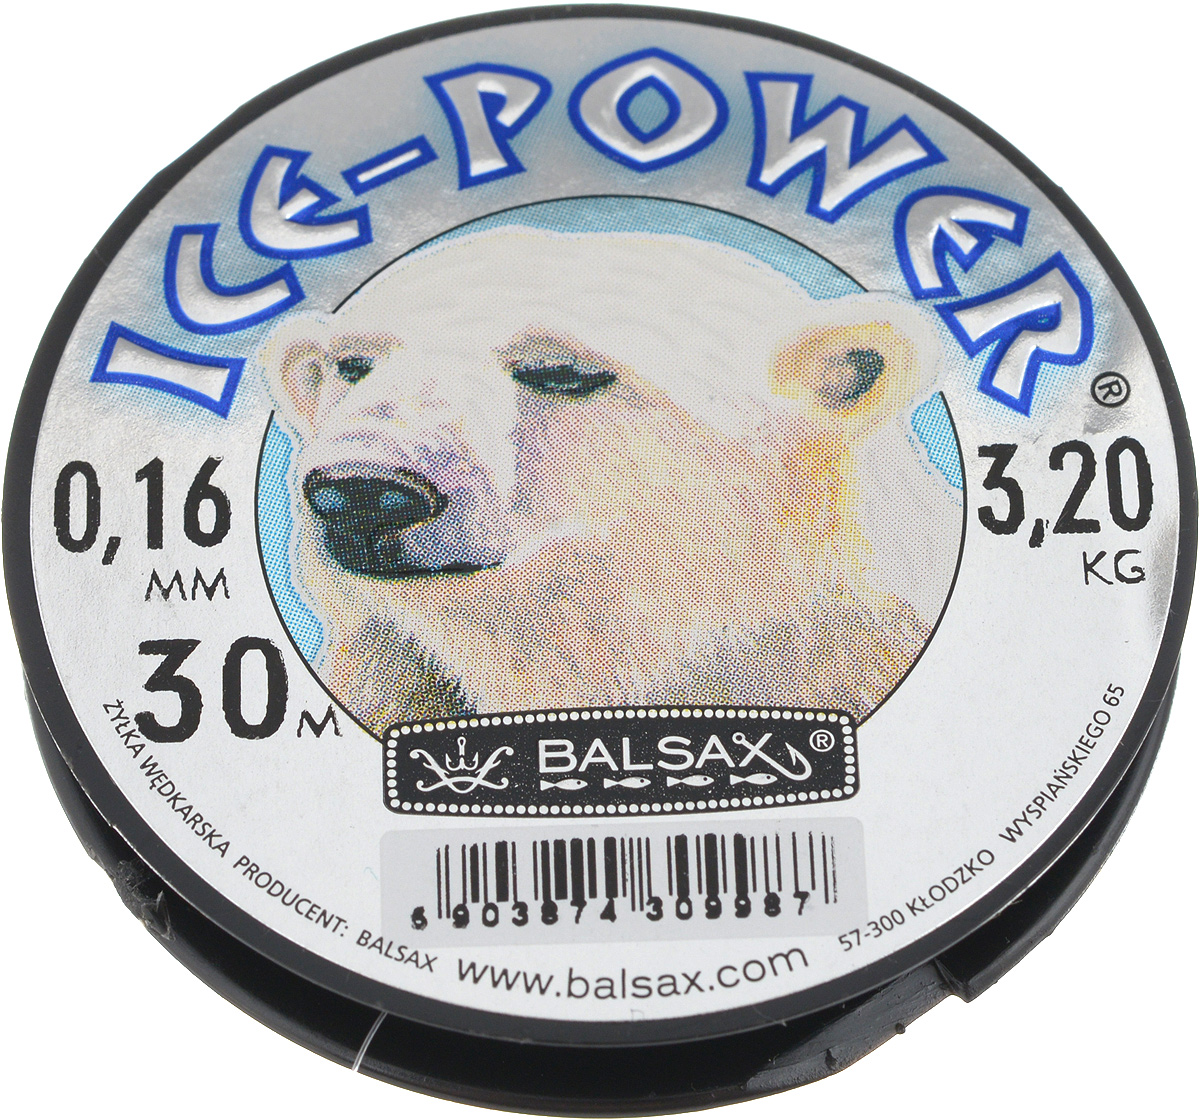 Леска зимняя Balsax Ice Power, 30 м, 0,16 мм, 3,2 кг310-11016Леска Balsax Ice Power изготовлена из 100% нейлона и очень хорошо выдерживает низкие температуры. Даже в самом холодном климате, при температуре вплоть до -40°C, она сохраняет свои свойства практически без изменений, в то время как традиционные лески становятся менее эластичными и теряют прочность.Поверхность лески обработана таким образом, что она не обмерзает и отлично подходит для подледного лова. Прочна в местах вязки узлов даже при минимальном диаметре.